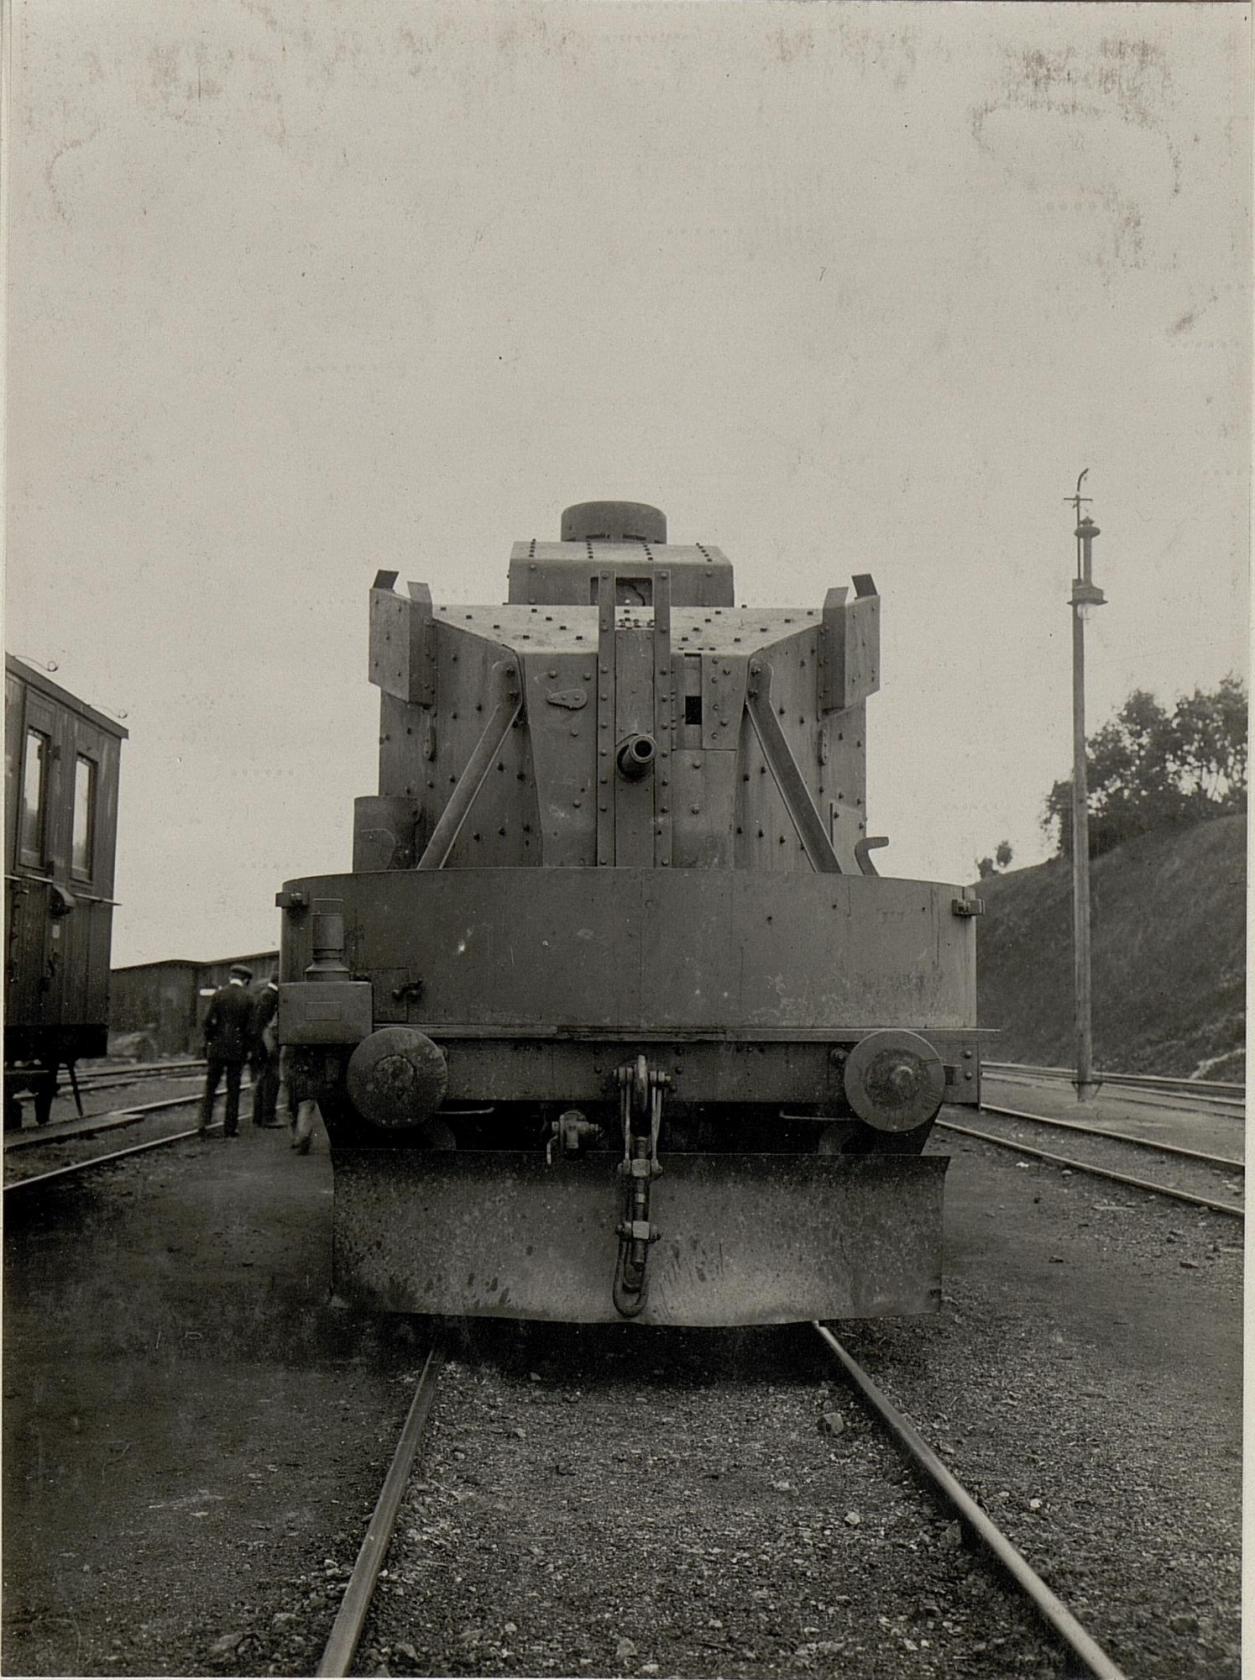 Ein mit Schnellfeuergeschьtzen und Maschinengewehren ausgerьsteter Panzerzug der k.u.k. Staatsbahnen bei Zborow, Juni 1916